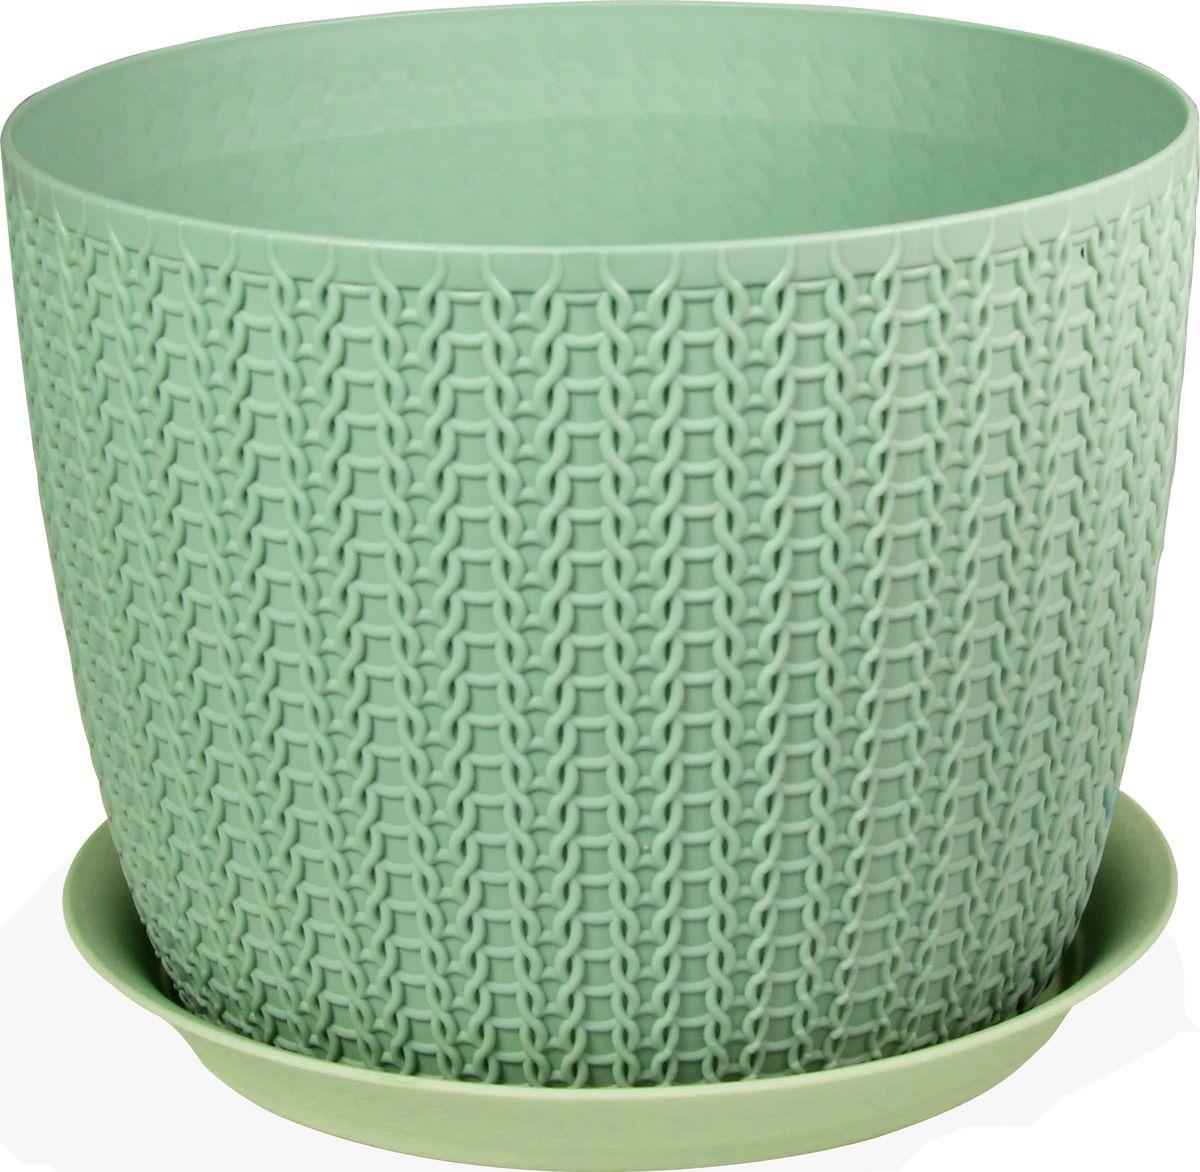 Кашпо Idea Вязание, с поддоном, цвет: фисташковый, диаметр 18 см кашпо idea верона с подставкой цвет белый диаметр 18 см